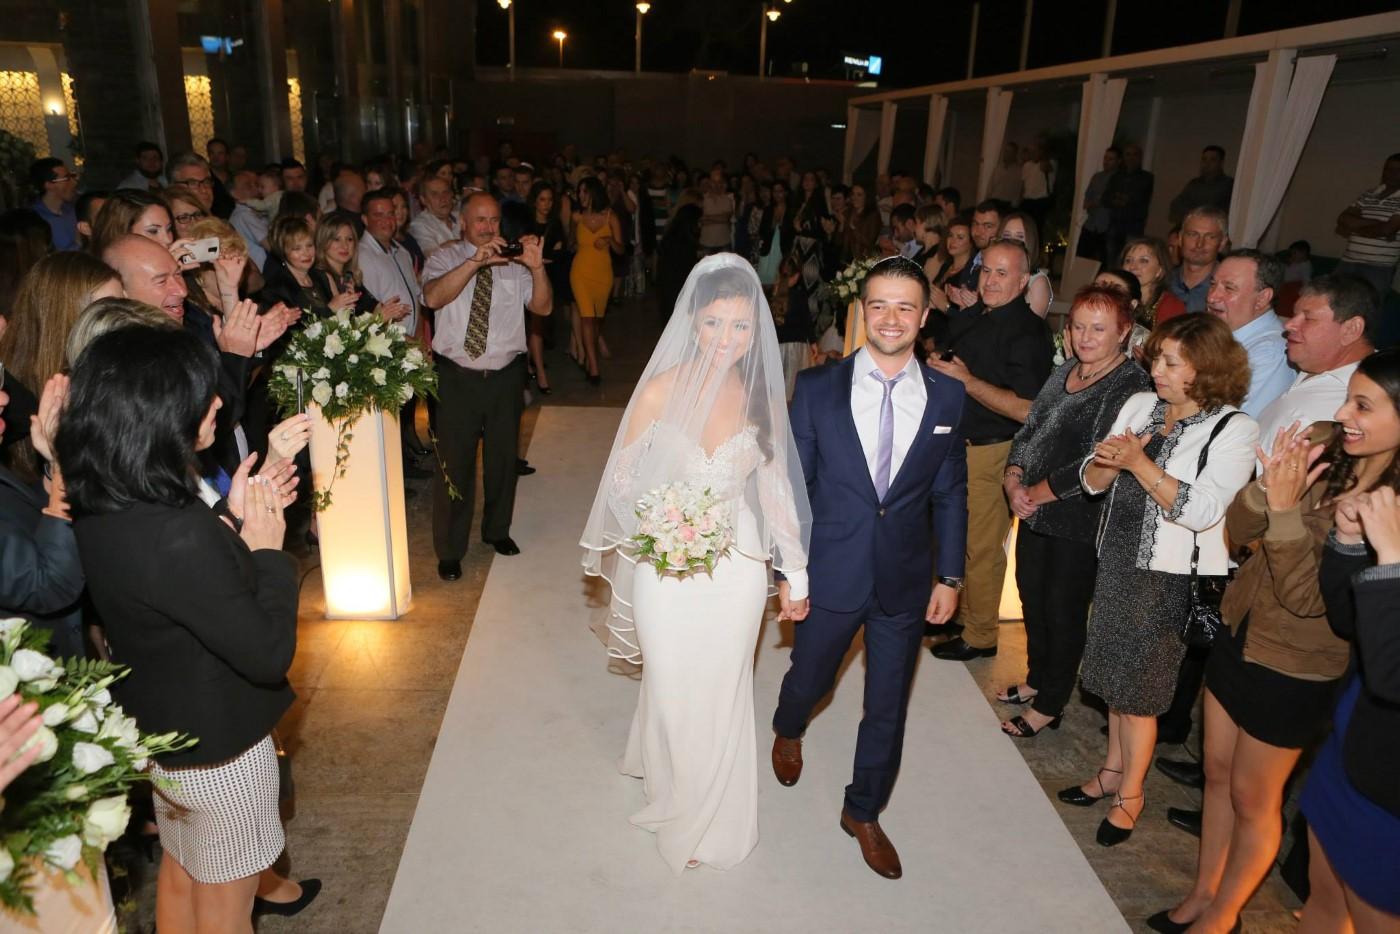 הכנת שיר כניסה לחופה בחתונה